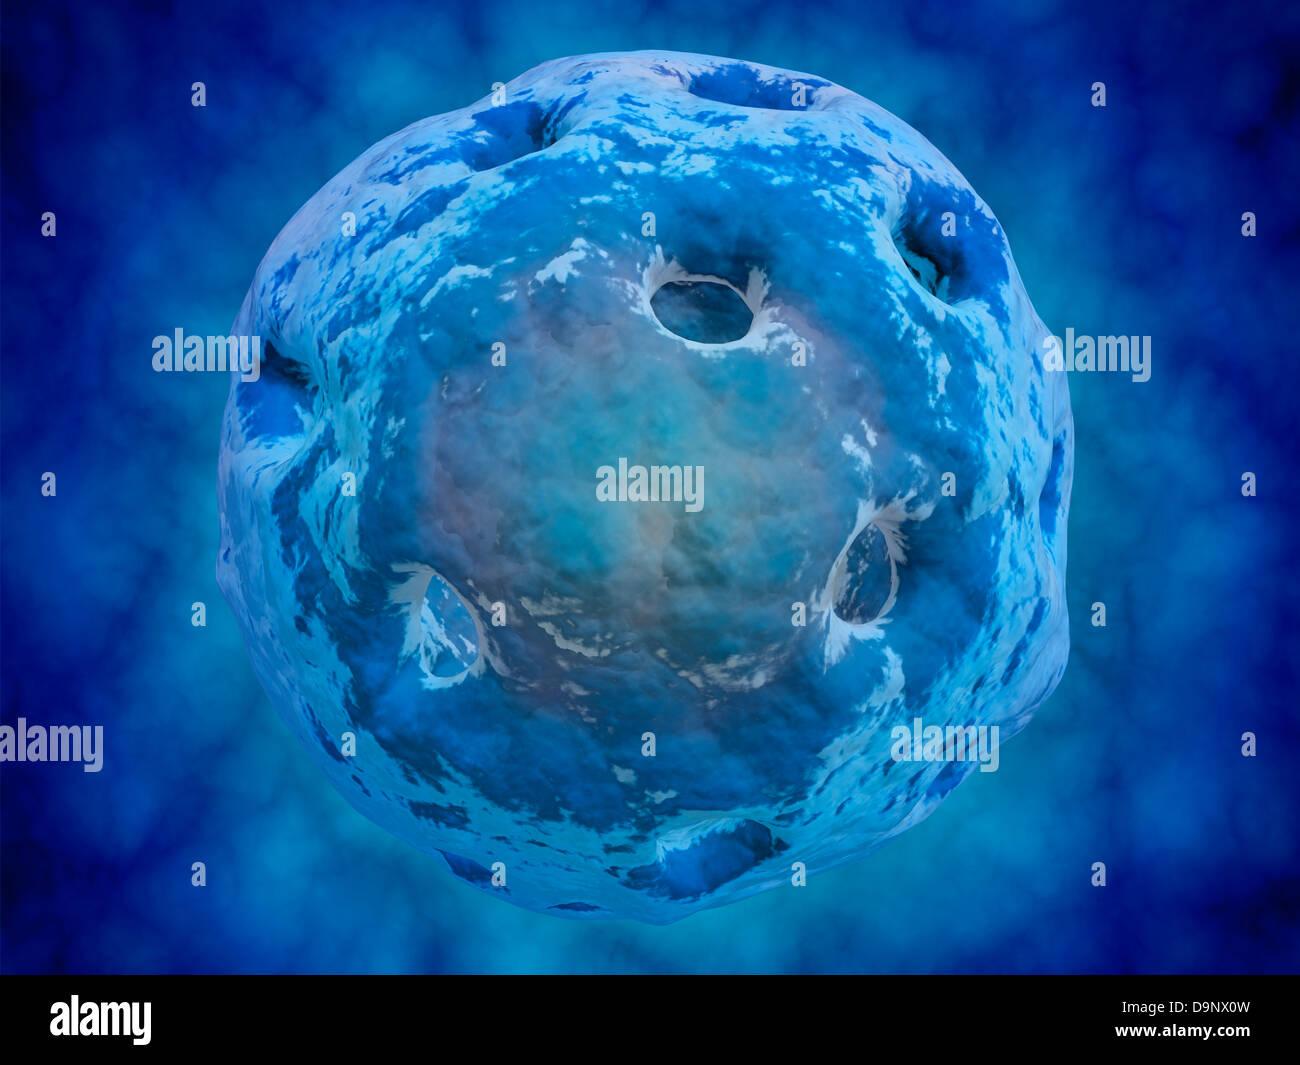 Immagine concettuale del nucleo cellulare. Immagini Stock